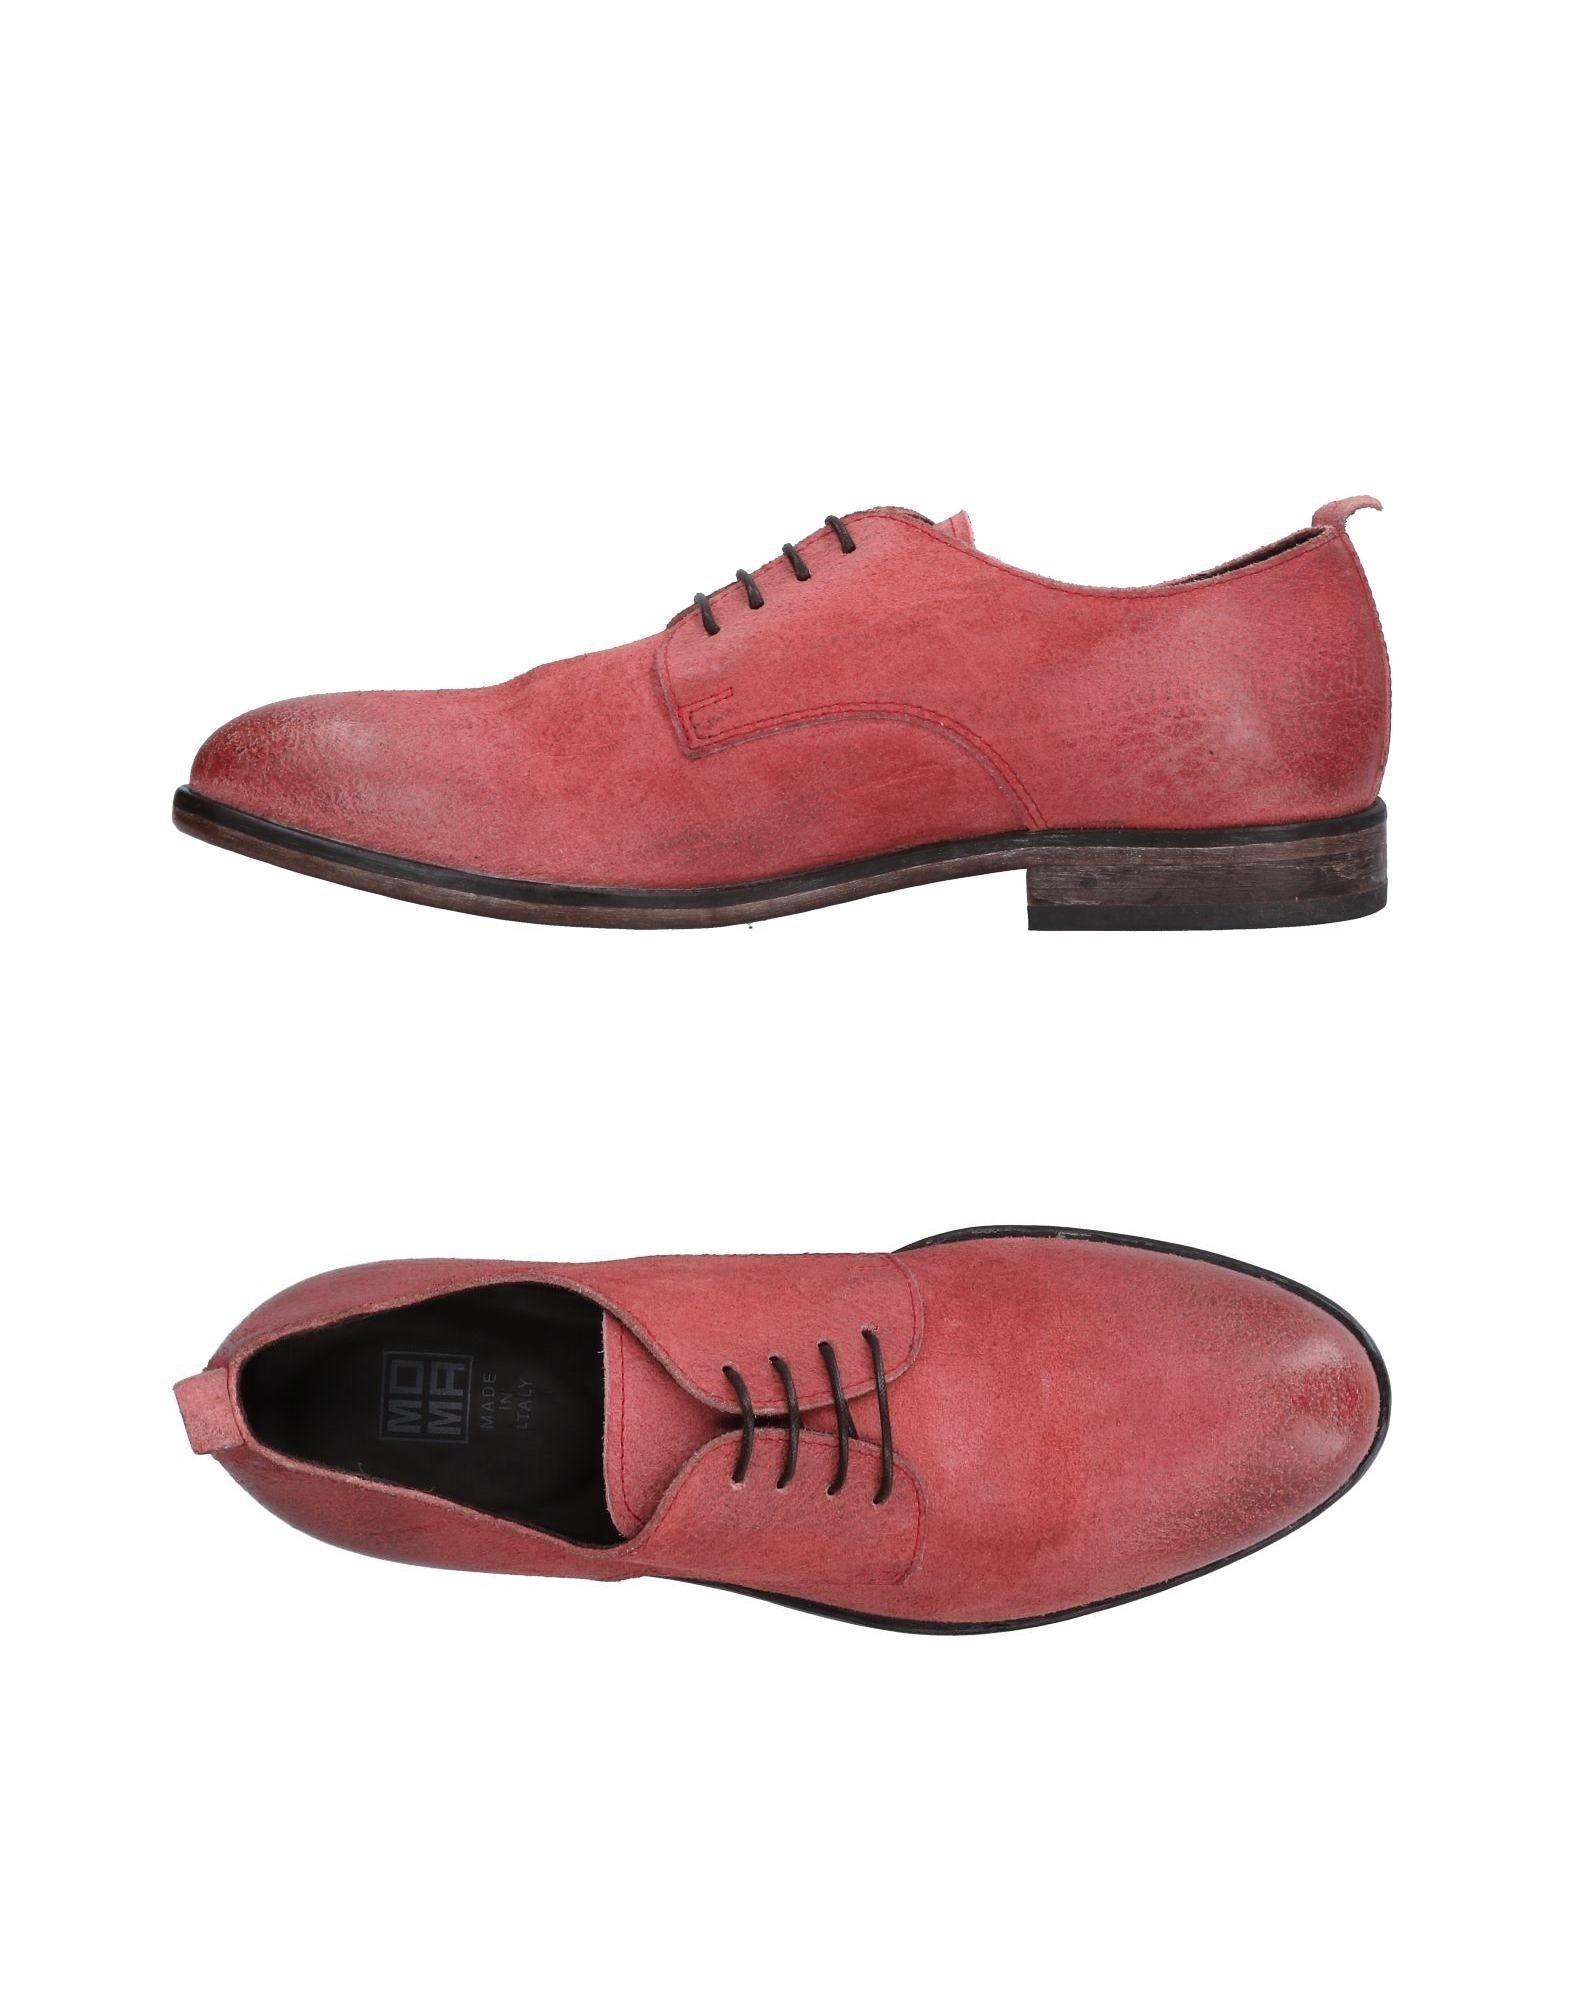 Moma Schnürschuhe Herren  11508759GO Gute Qualität beliebte Schuhe